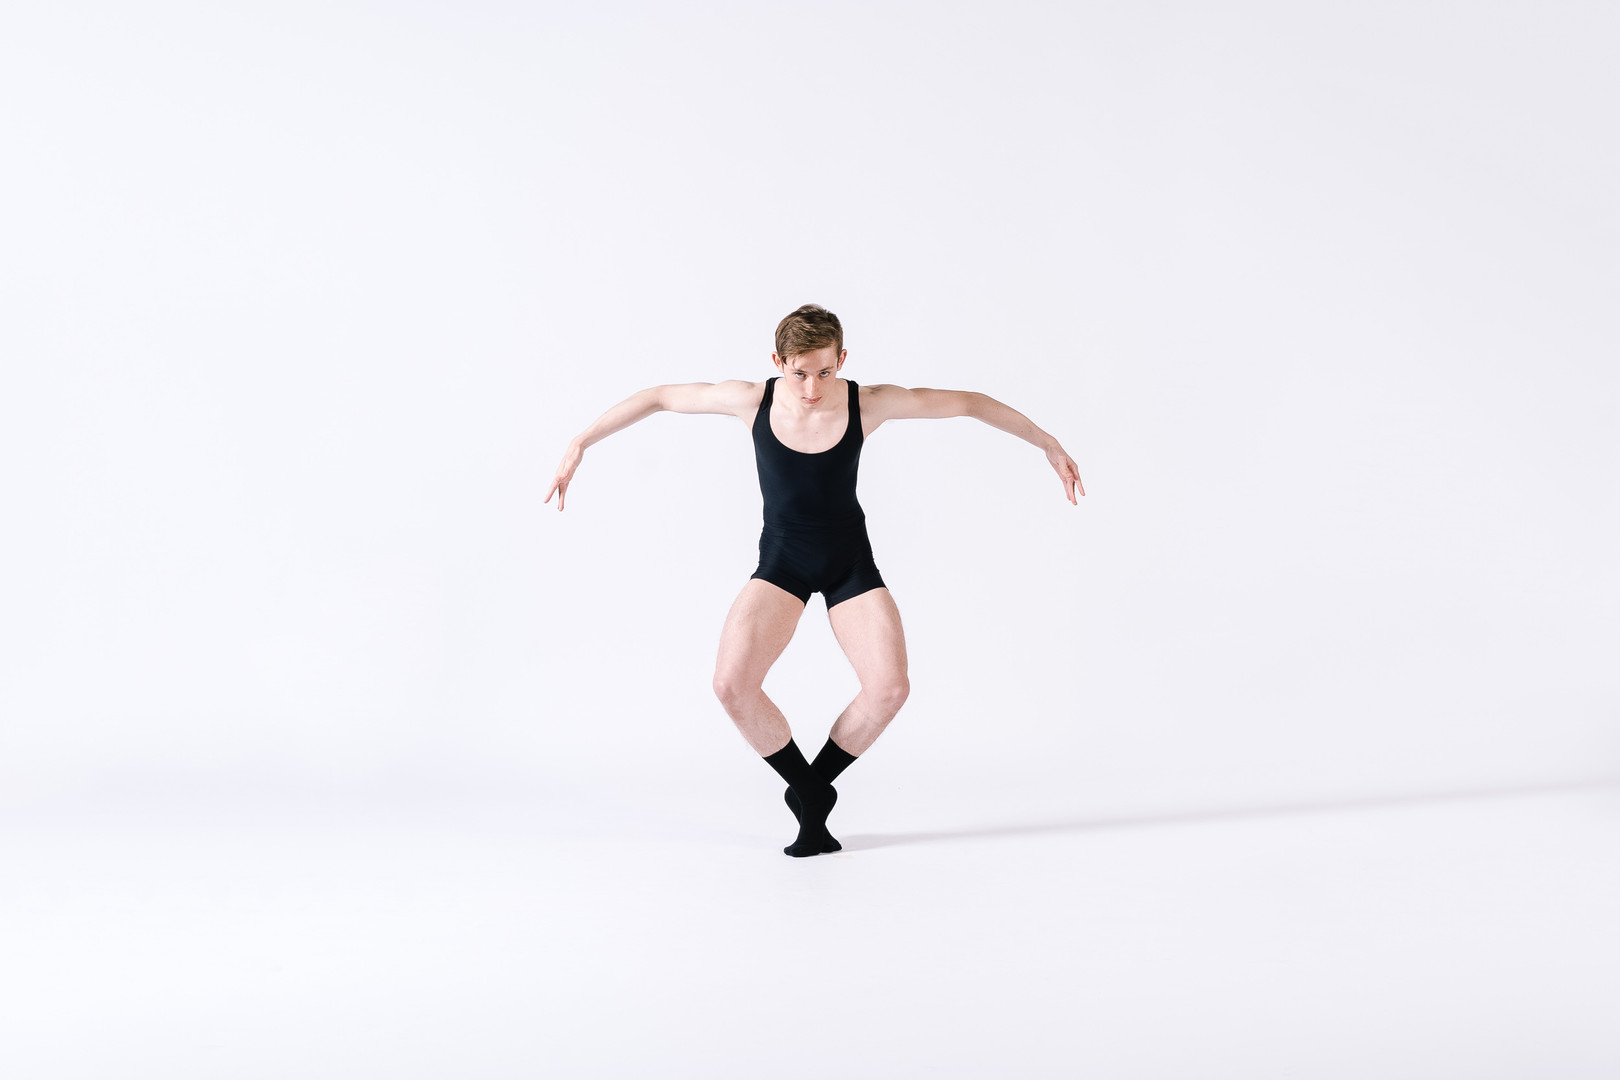 manchester-dance-photographer-20.jpg